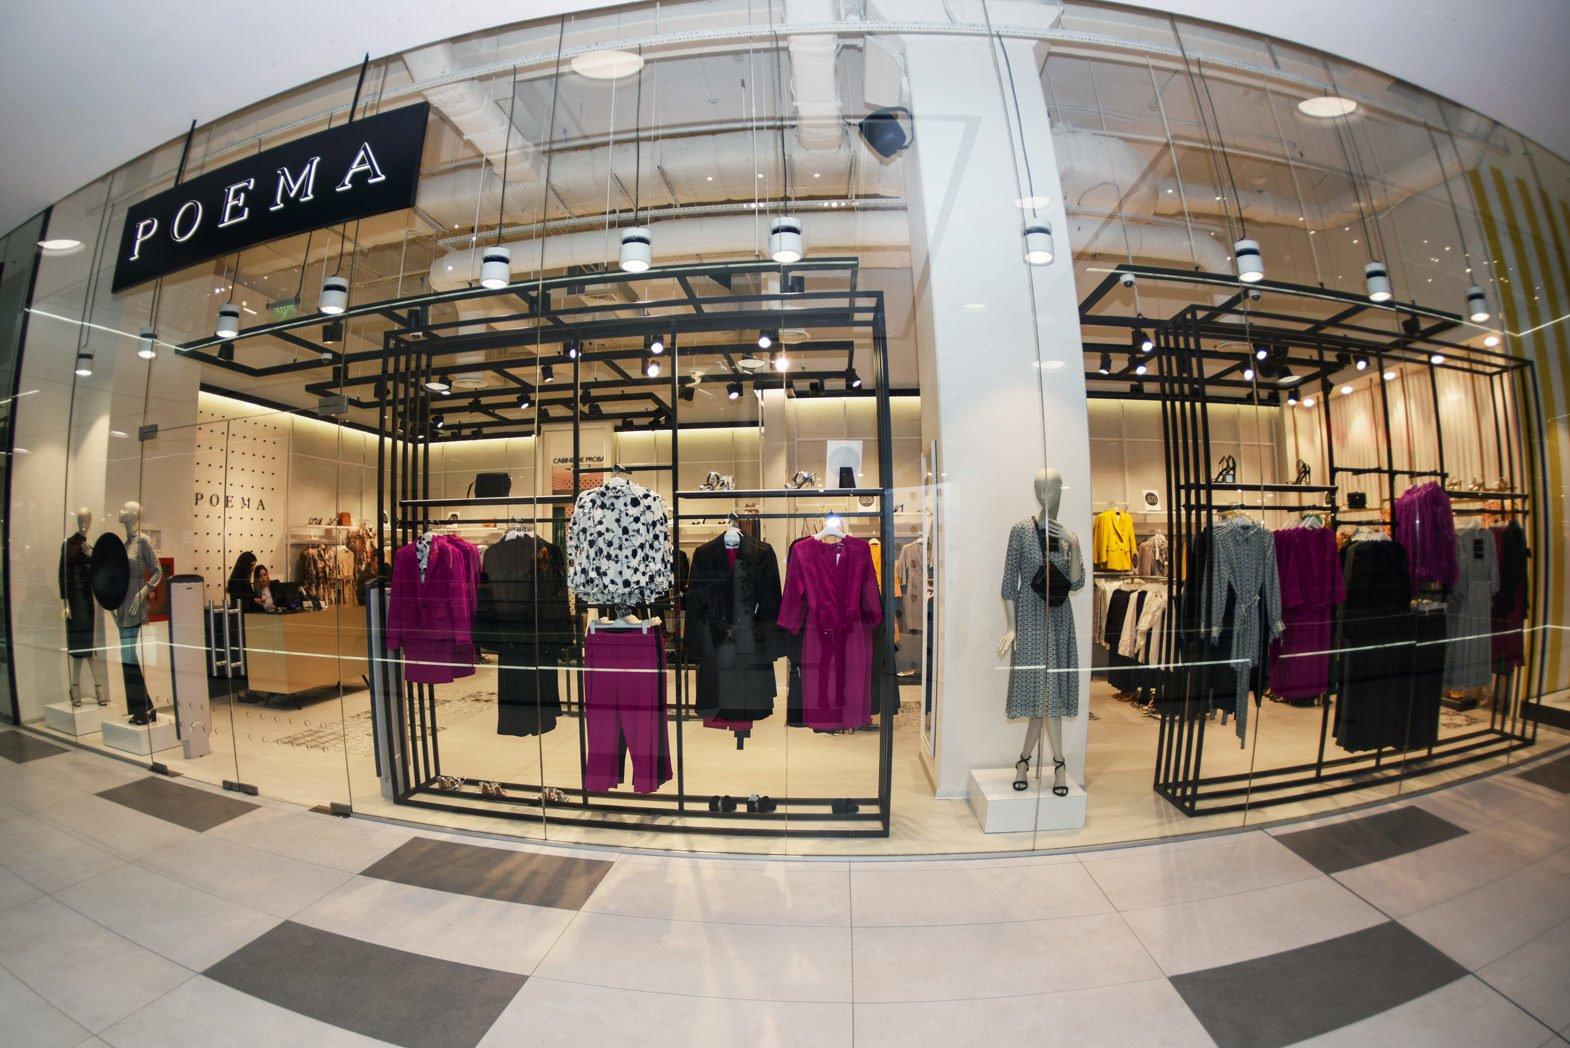 Deschidere POEMA Mega Mall, martie 2019